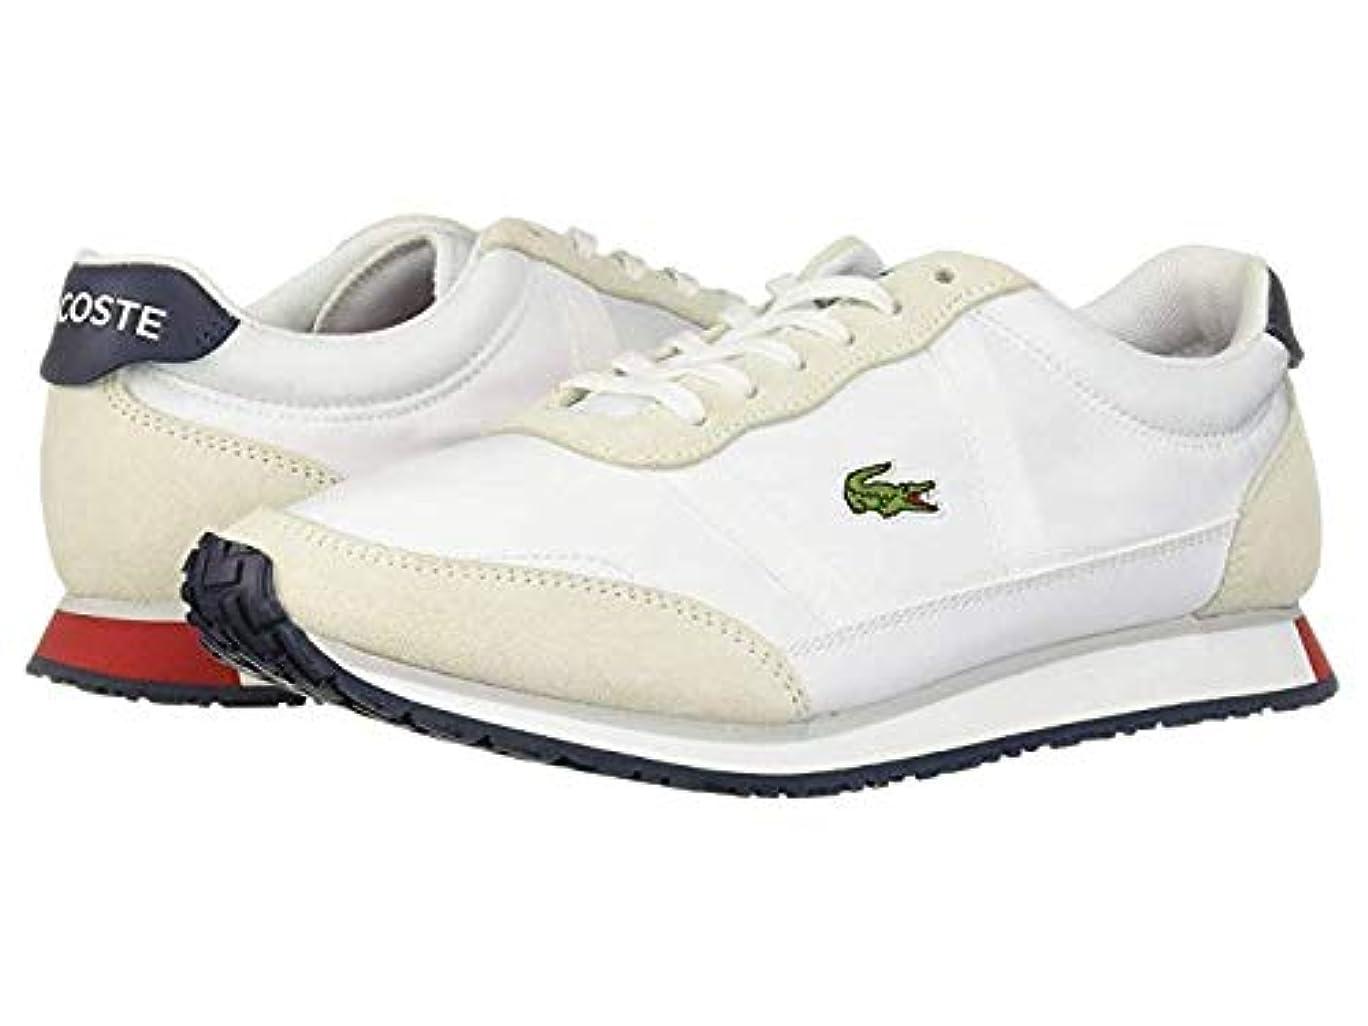 [ラコステ] レディーススニーカー?靴?シューズ Partner 119 4 White/Navy/Red US 8.5 (25.5cm) M [並行輸入品]